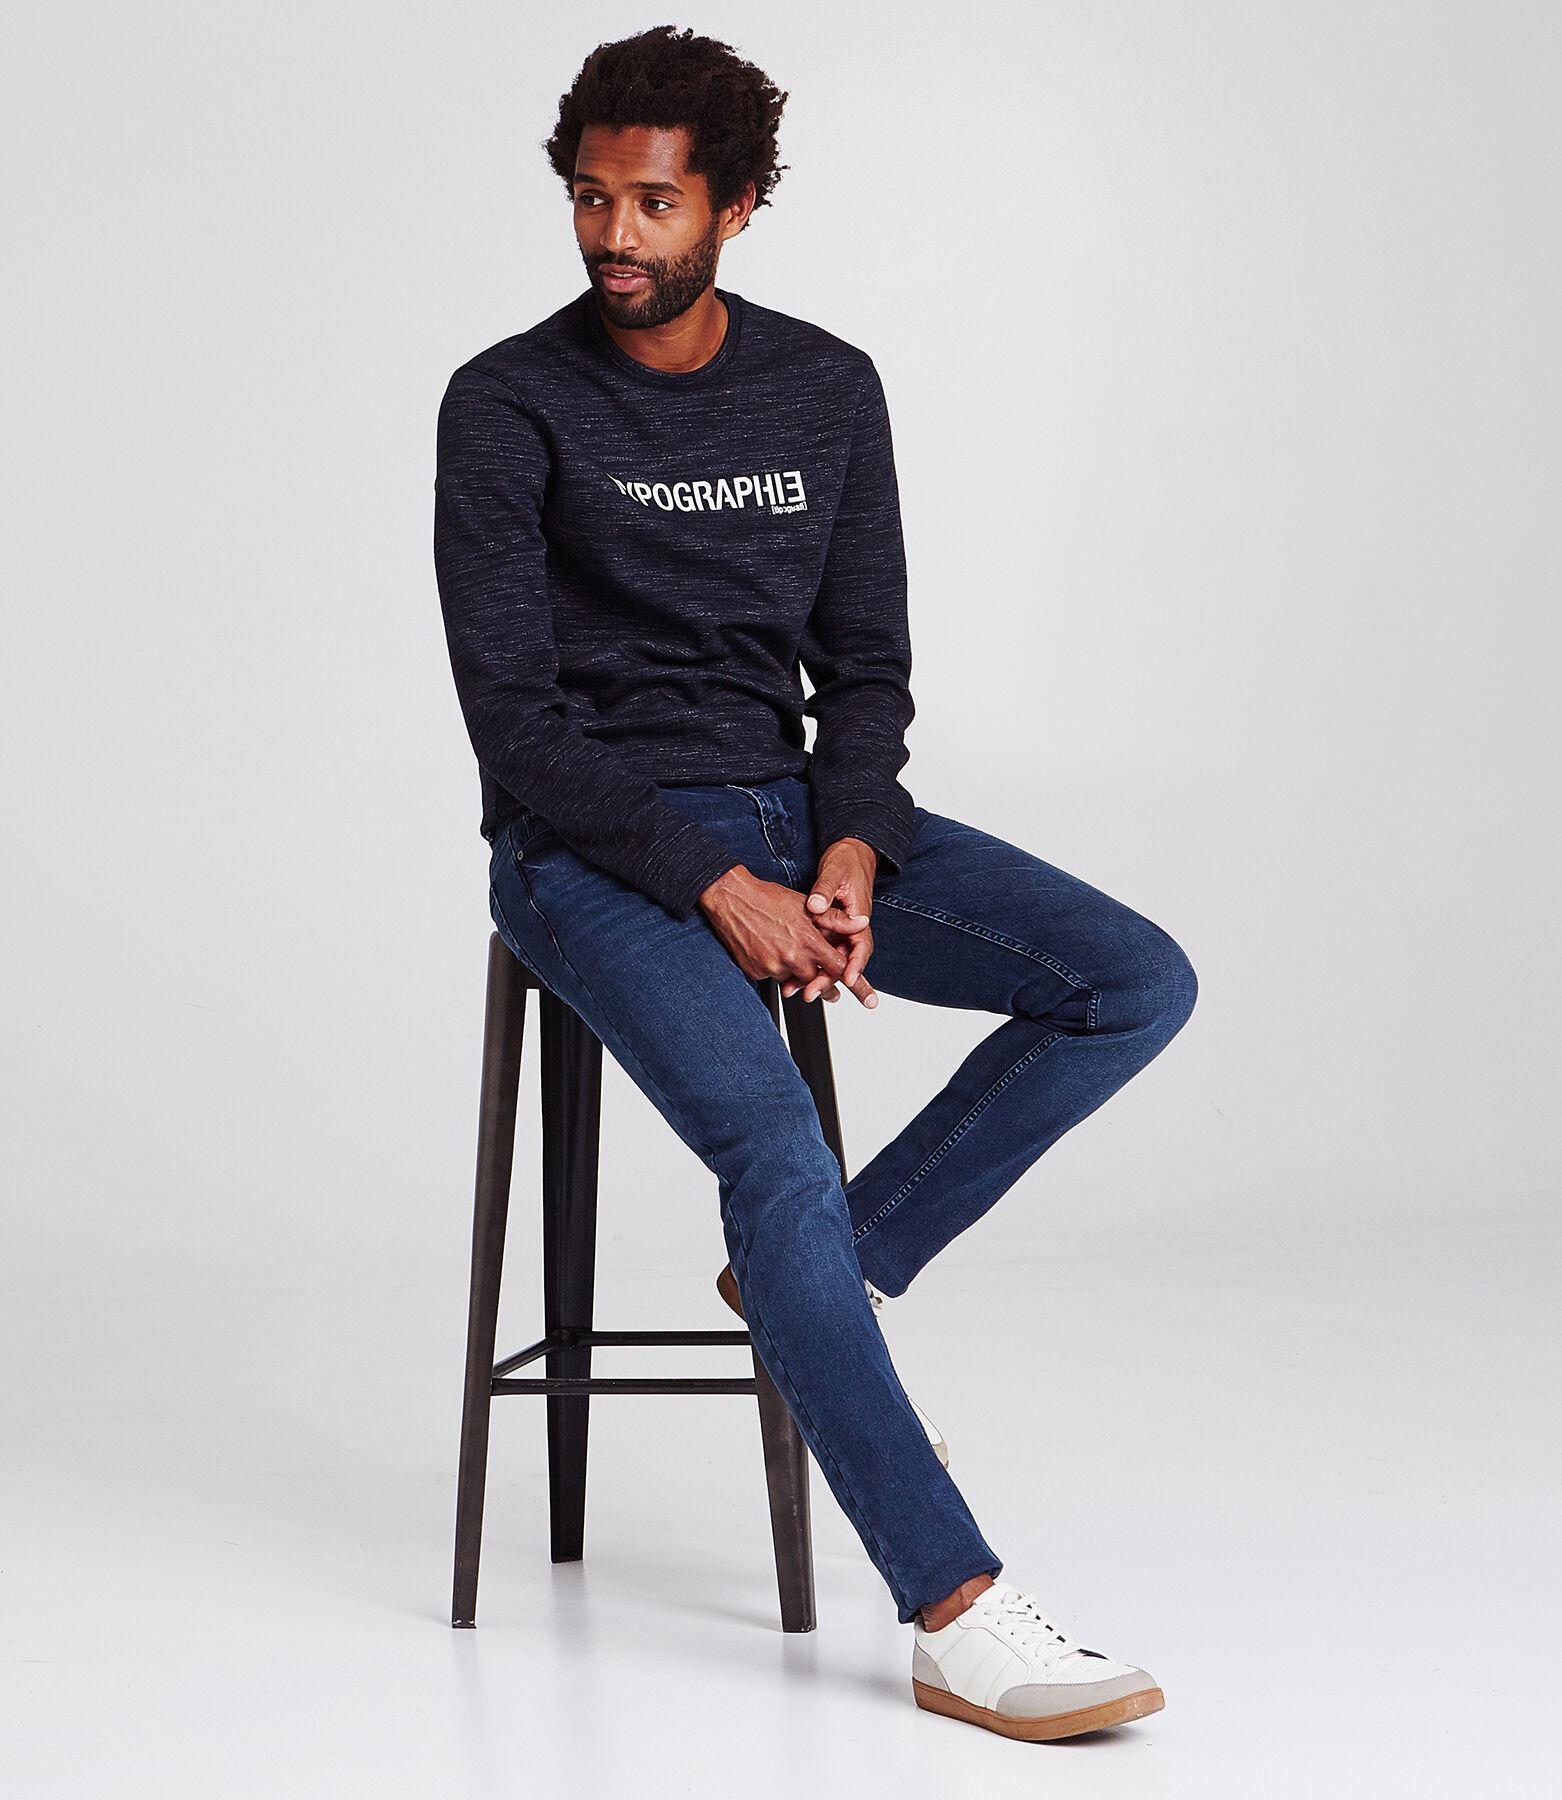 Skinny jeans Max 4L, donkerblauw, gewassen